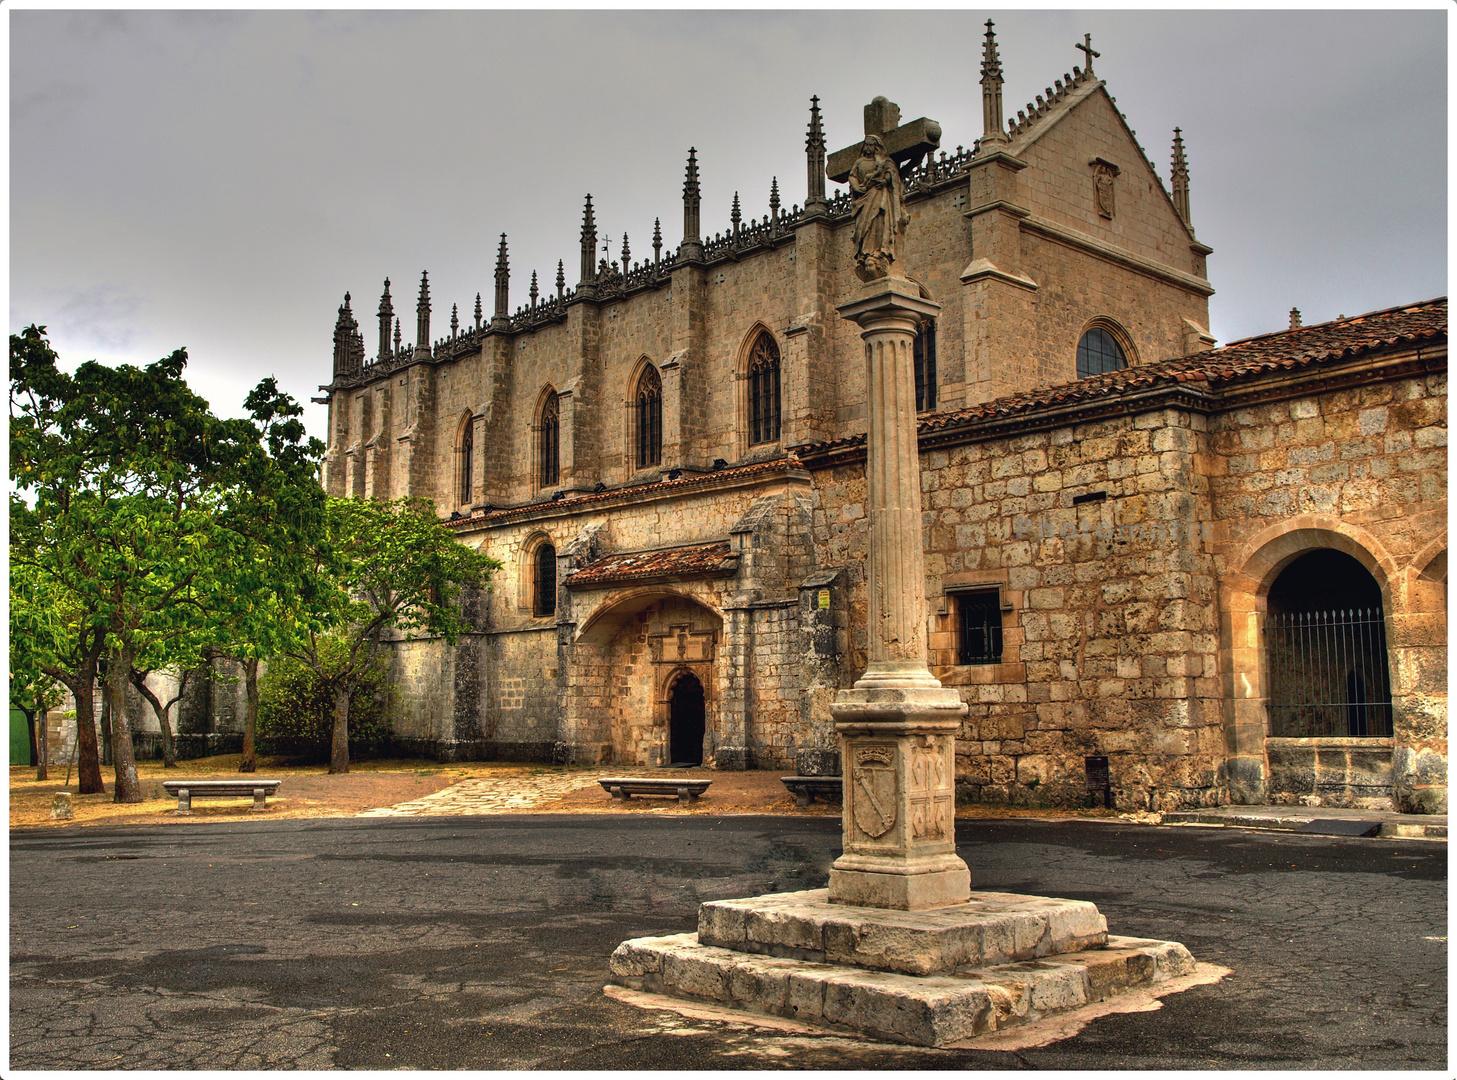 Monasterio de la Cartuja- Burgos